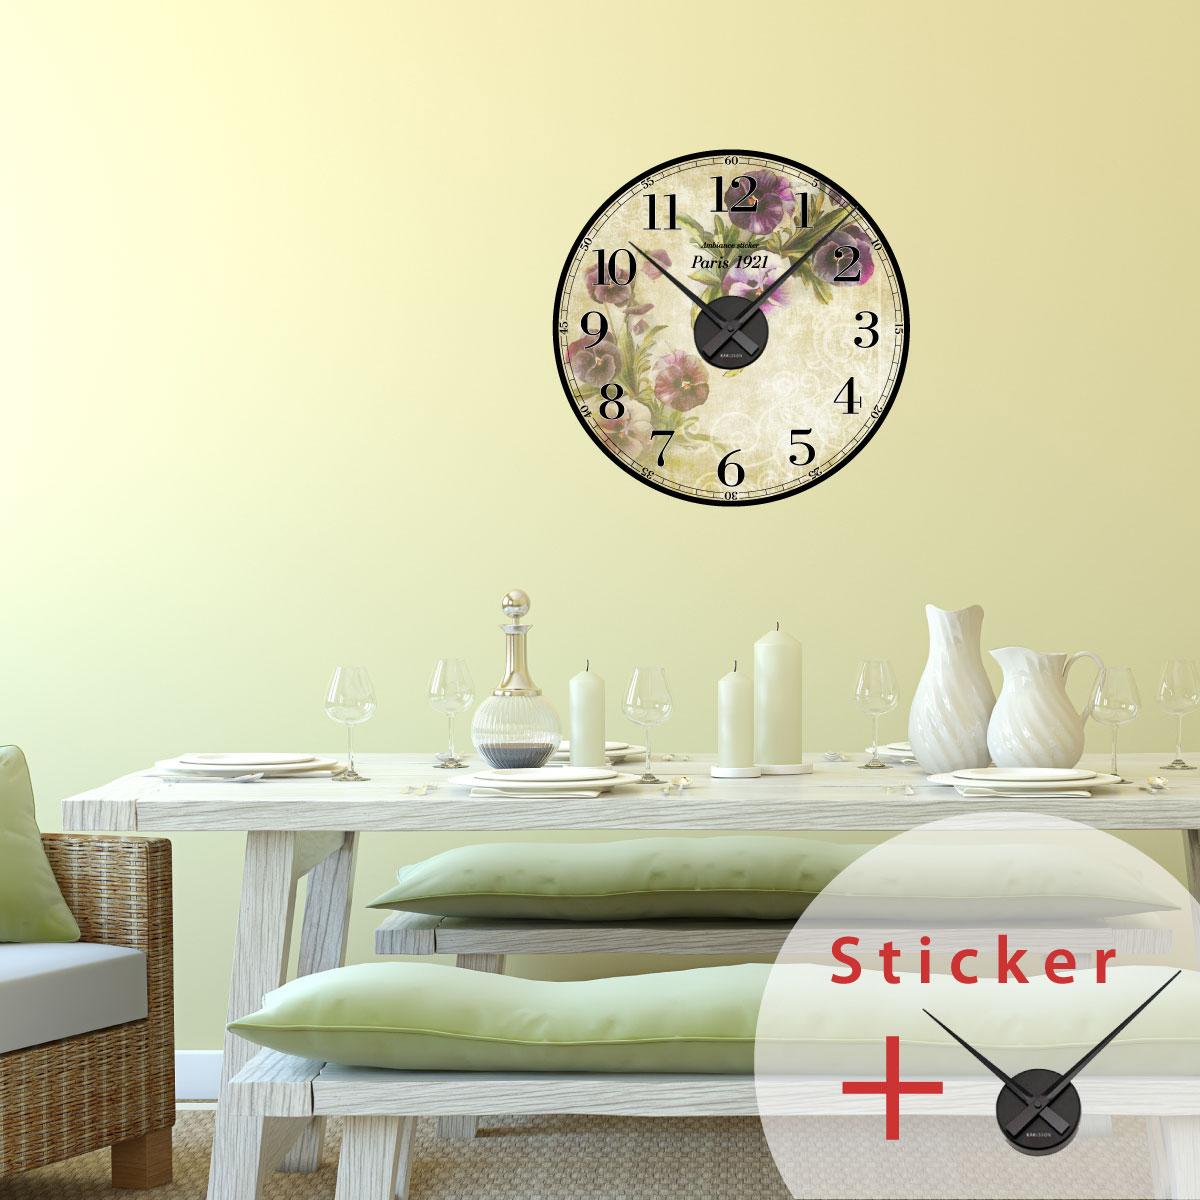 Sticker horloge paris 1921 vintage villes et voyages paris ambiance sticker - Stickers muraux paris ...